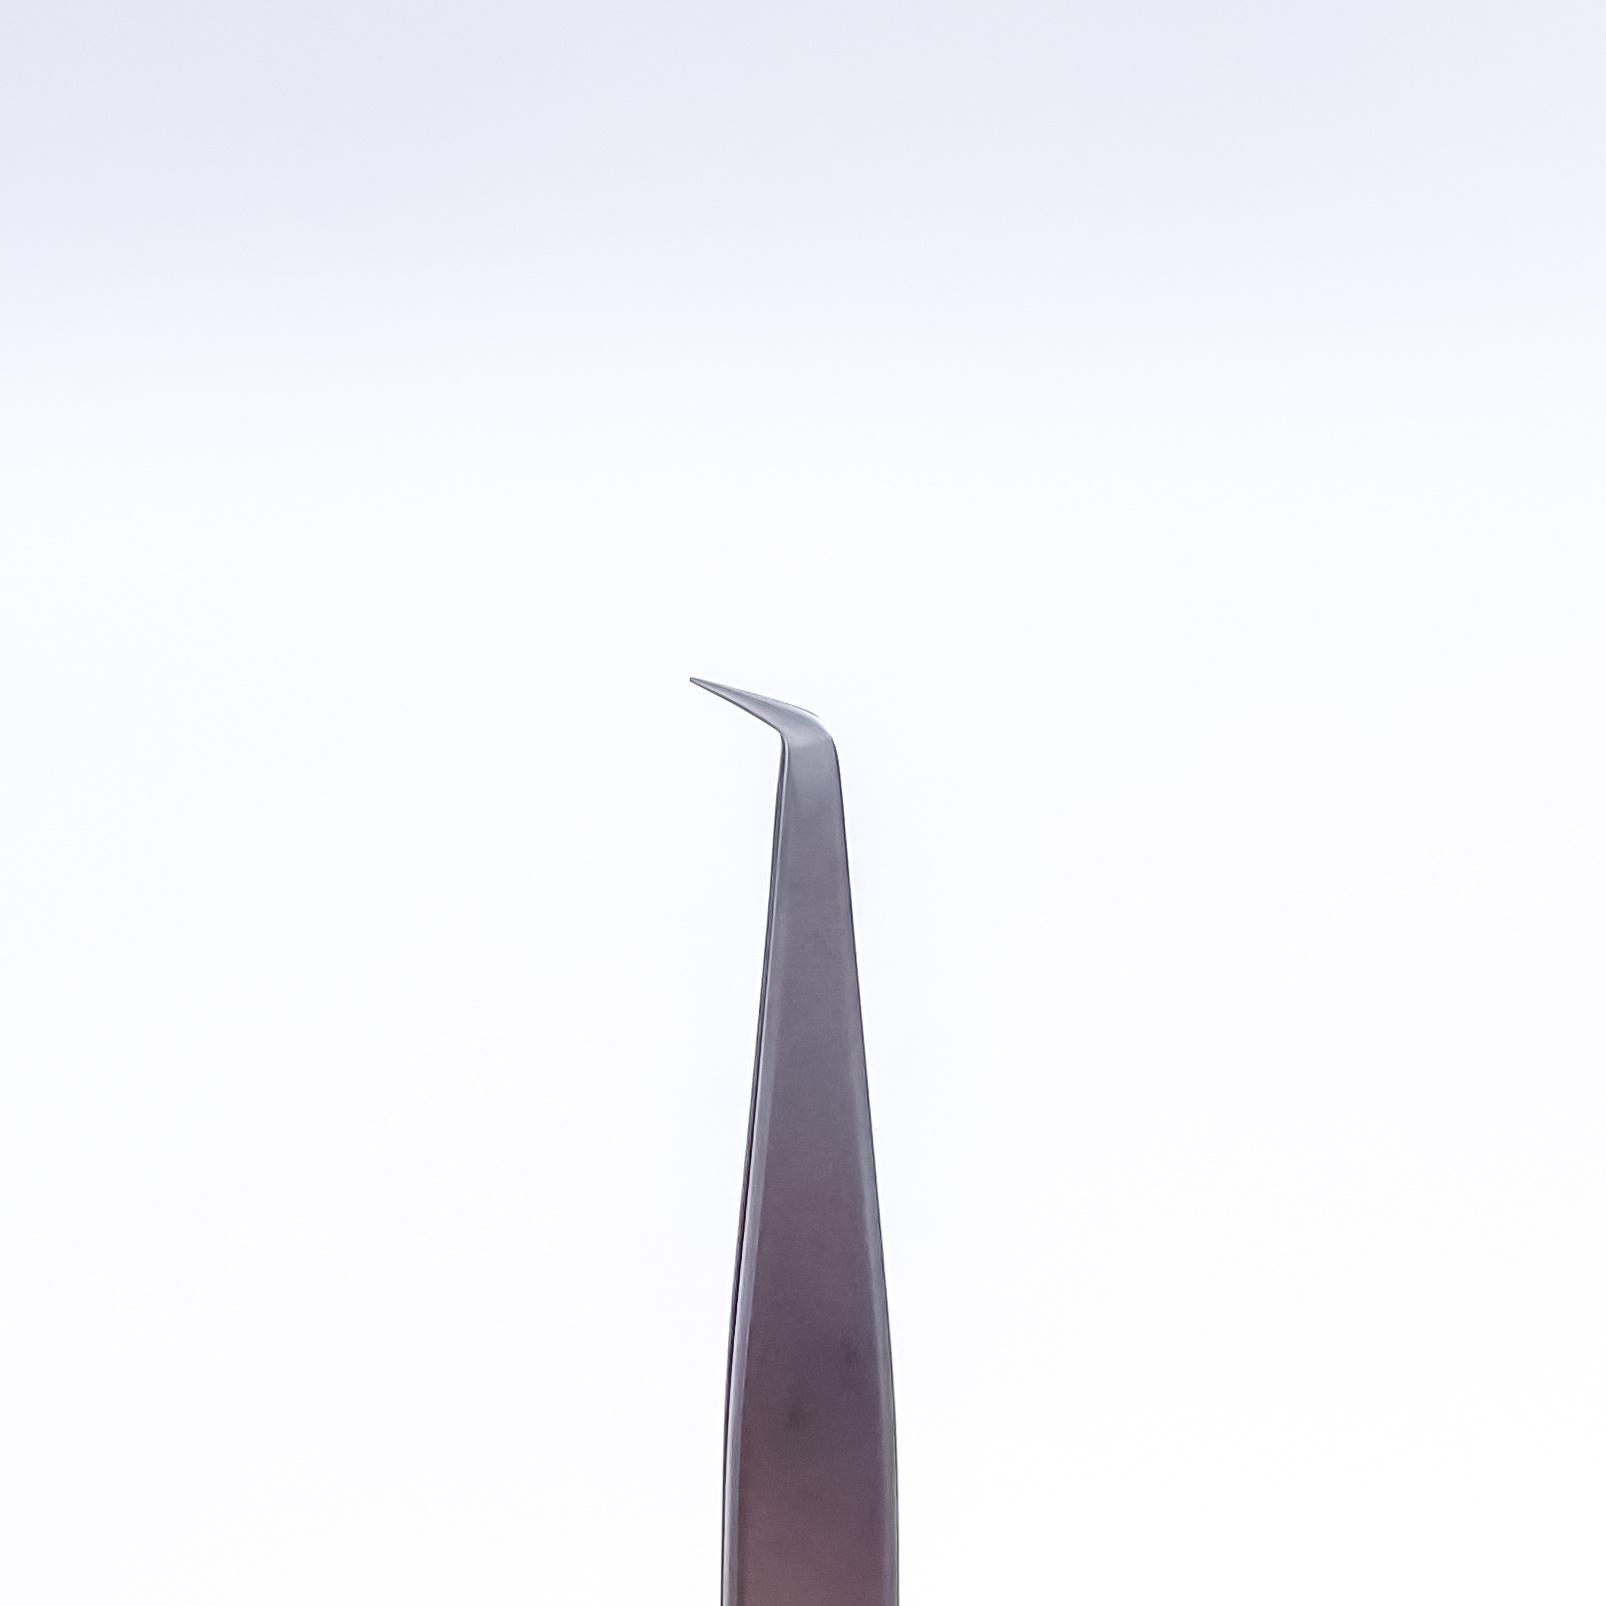 STALENA Pince à épiler large, courbée, bout pointue (P-11)